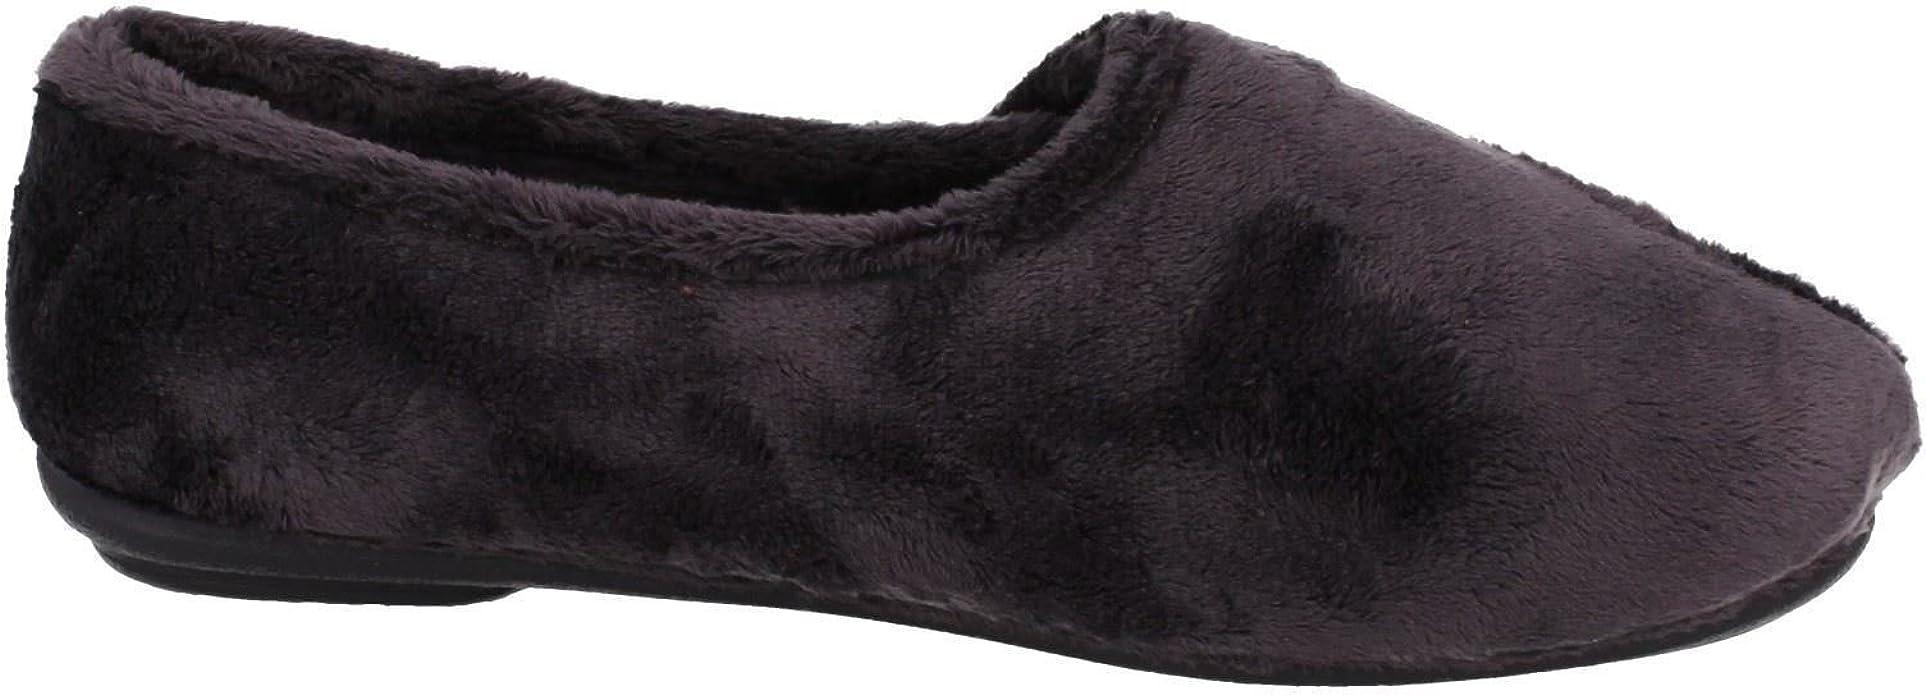 Ladies Clarks K/'s Hook /& Loop Casual Home Comfort Textile Slippers Wave Stir